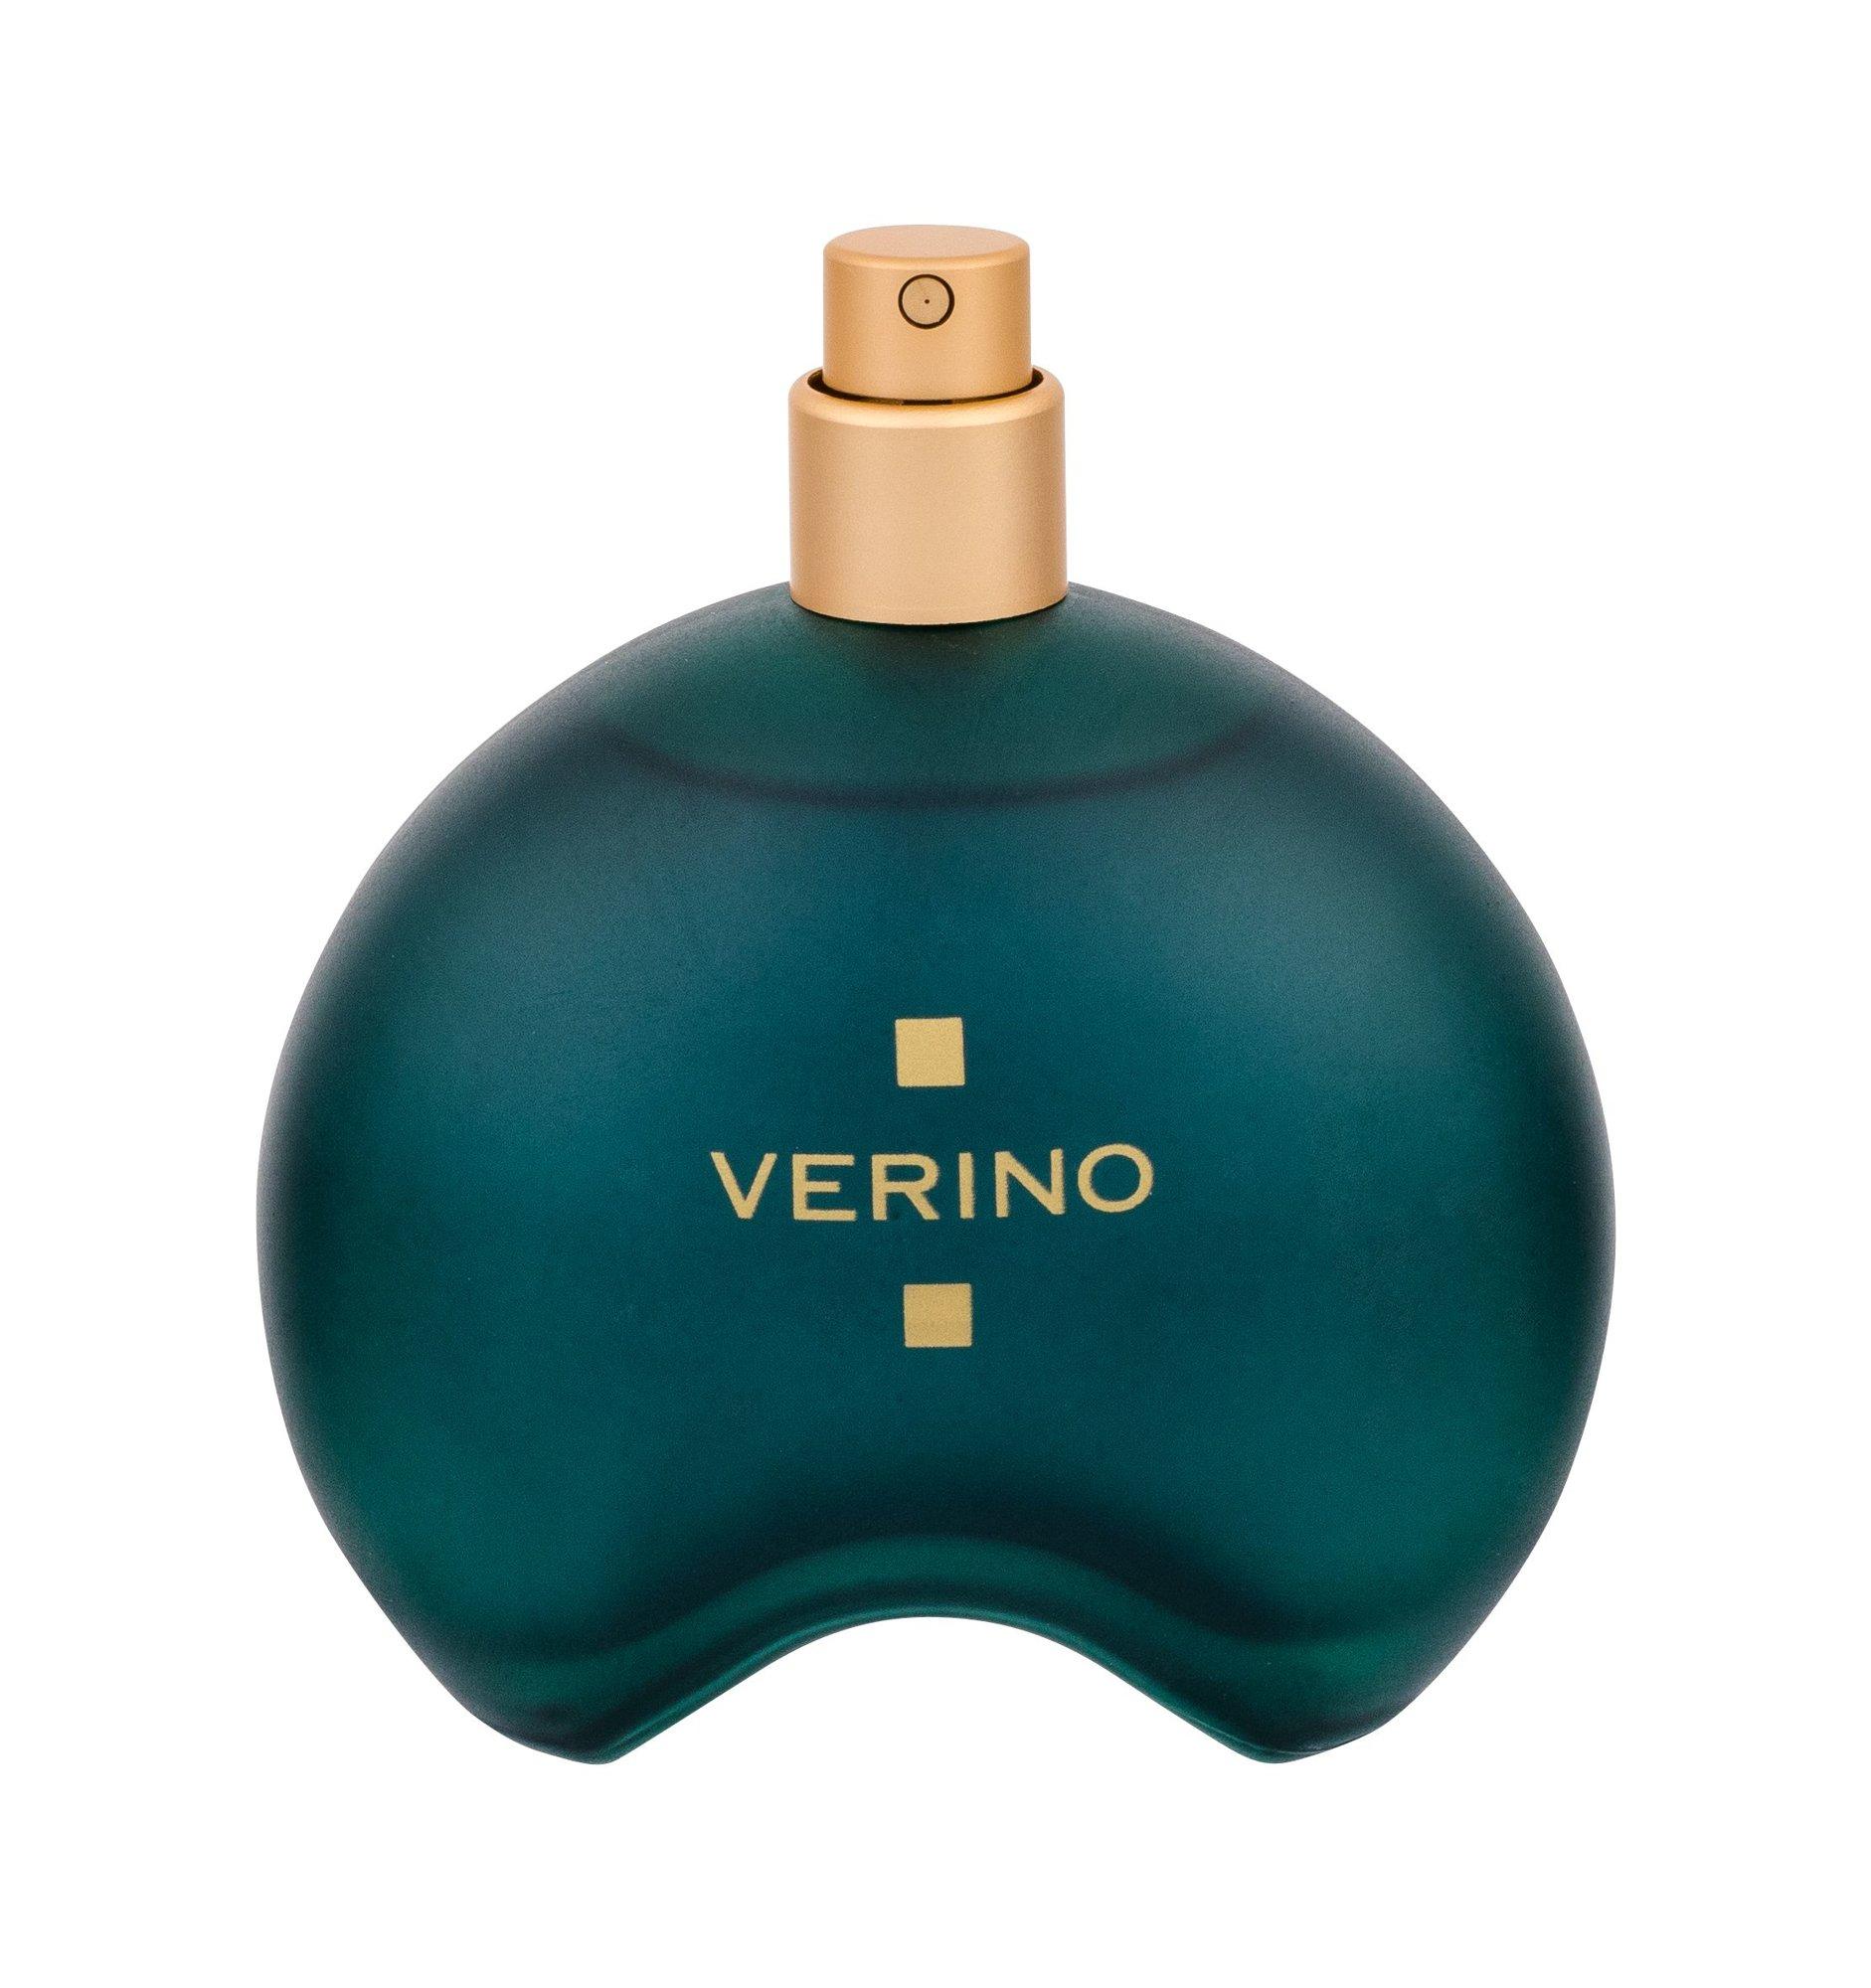 Roberto Verino Verino EDP 100ml